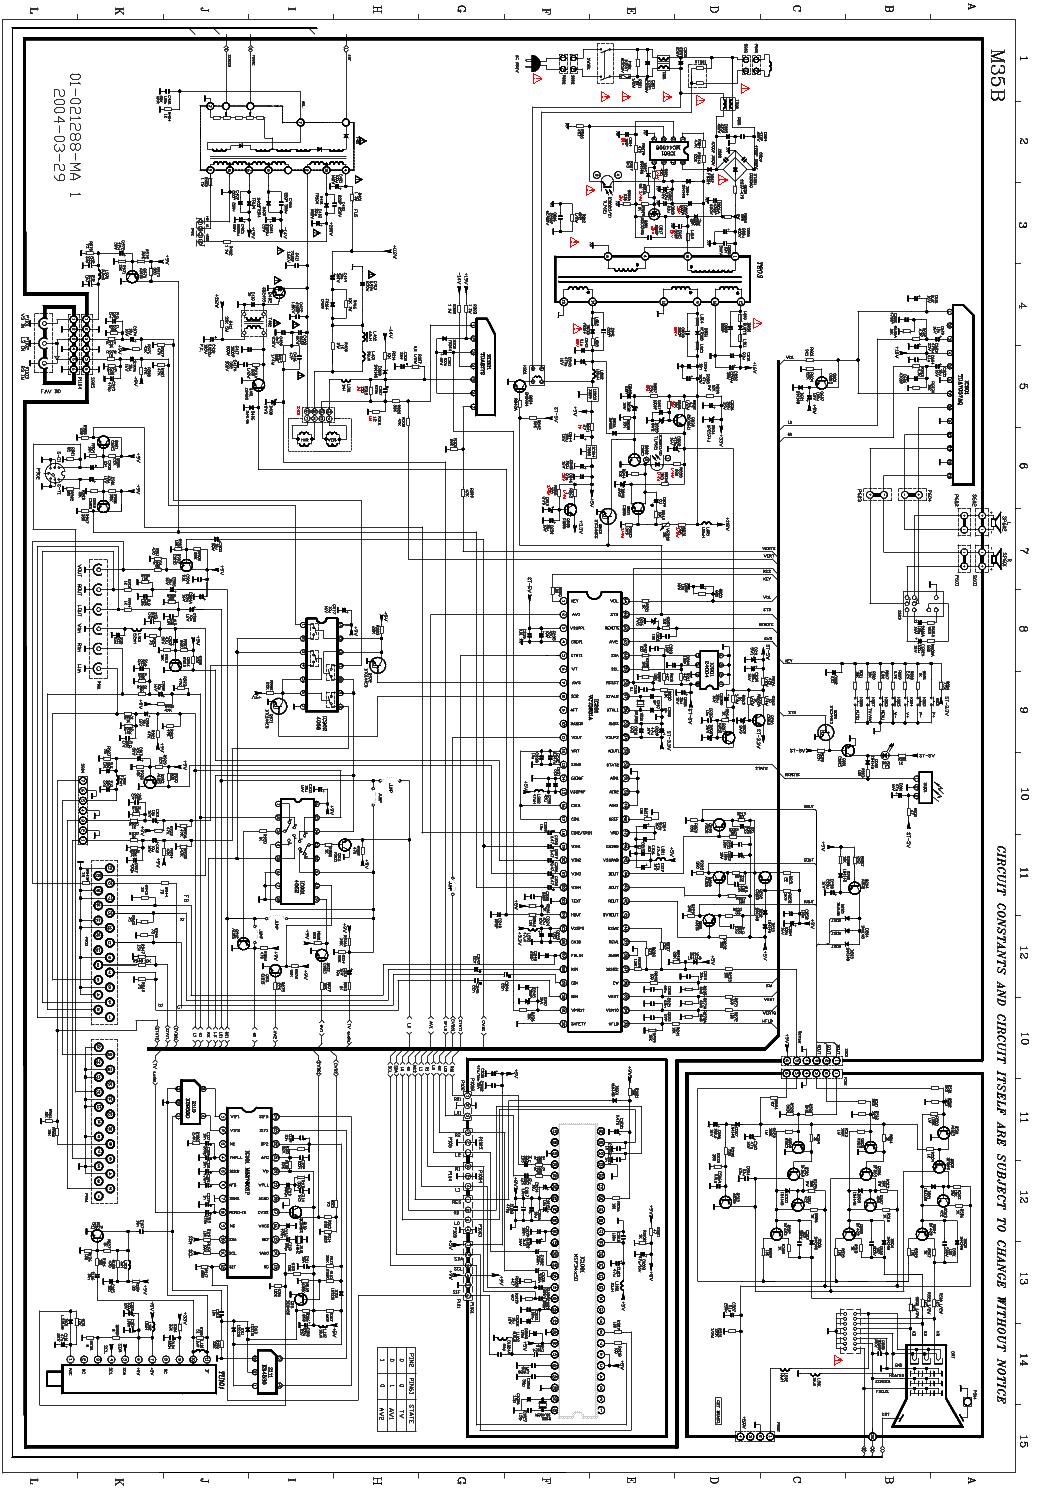 схема на телевизор tcl21288